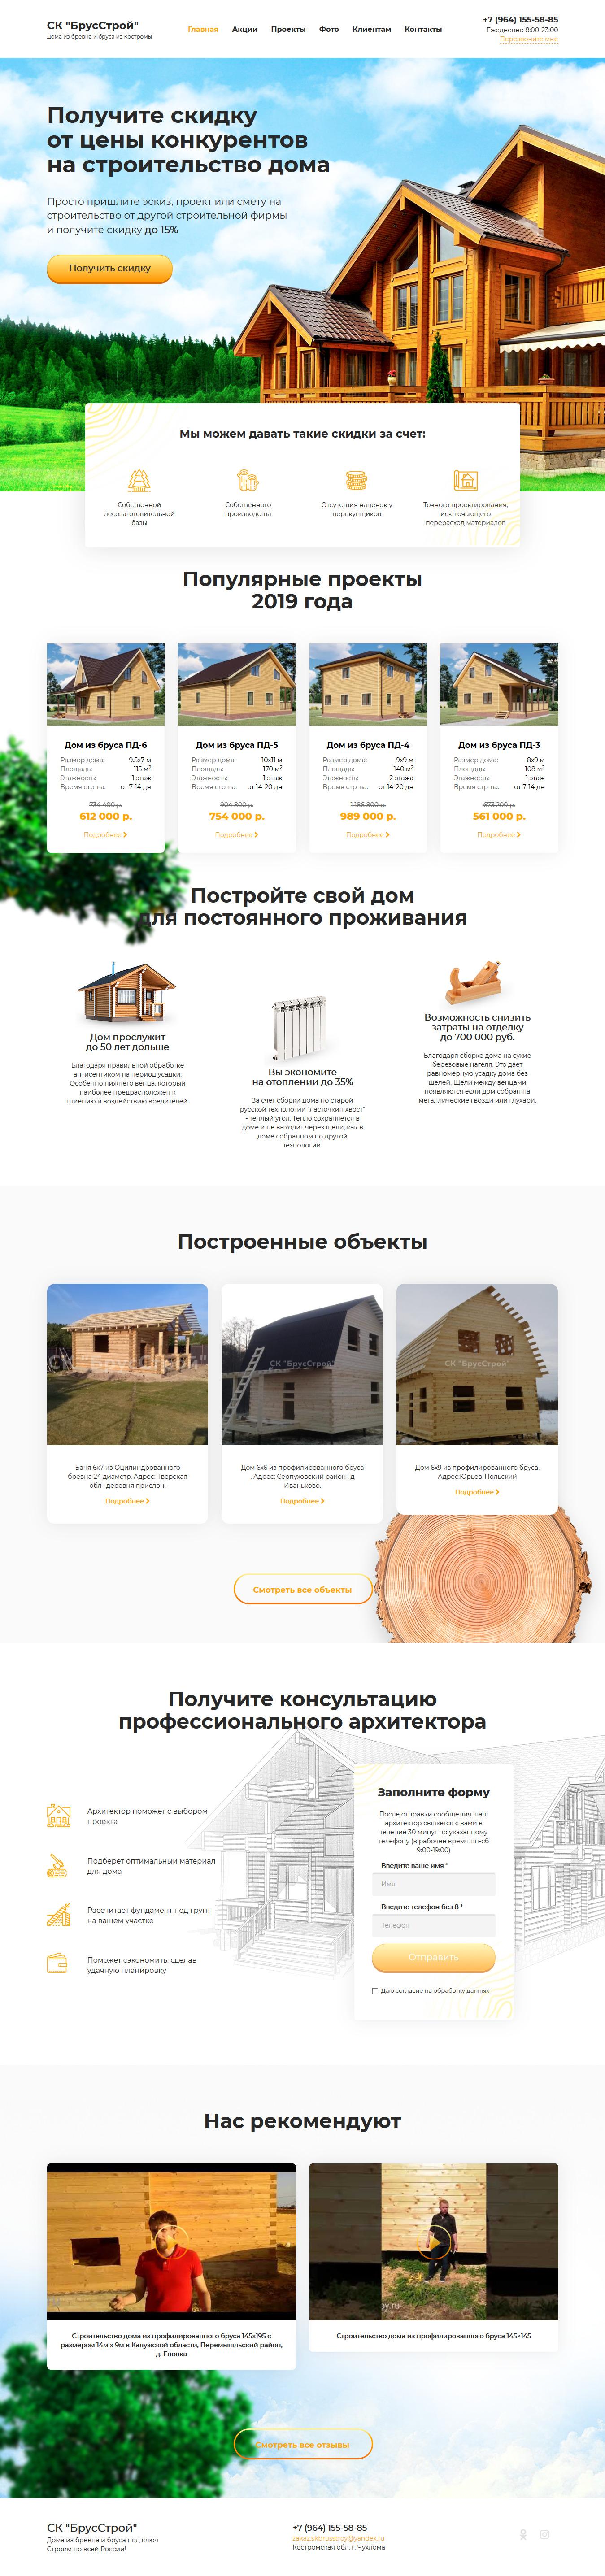 Сайт строительной компании «БрусСтрой». Создание сайтов в Костроме